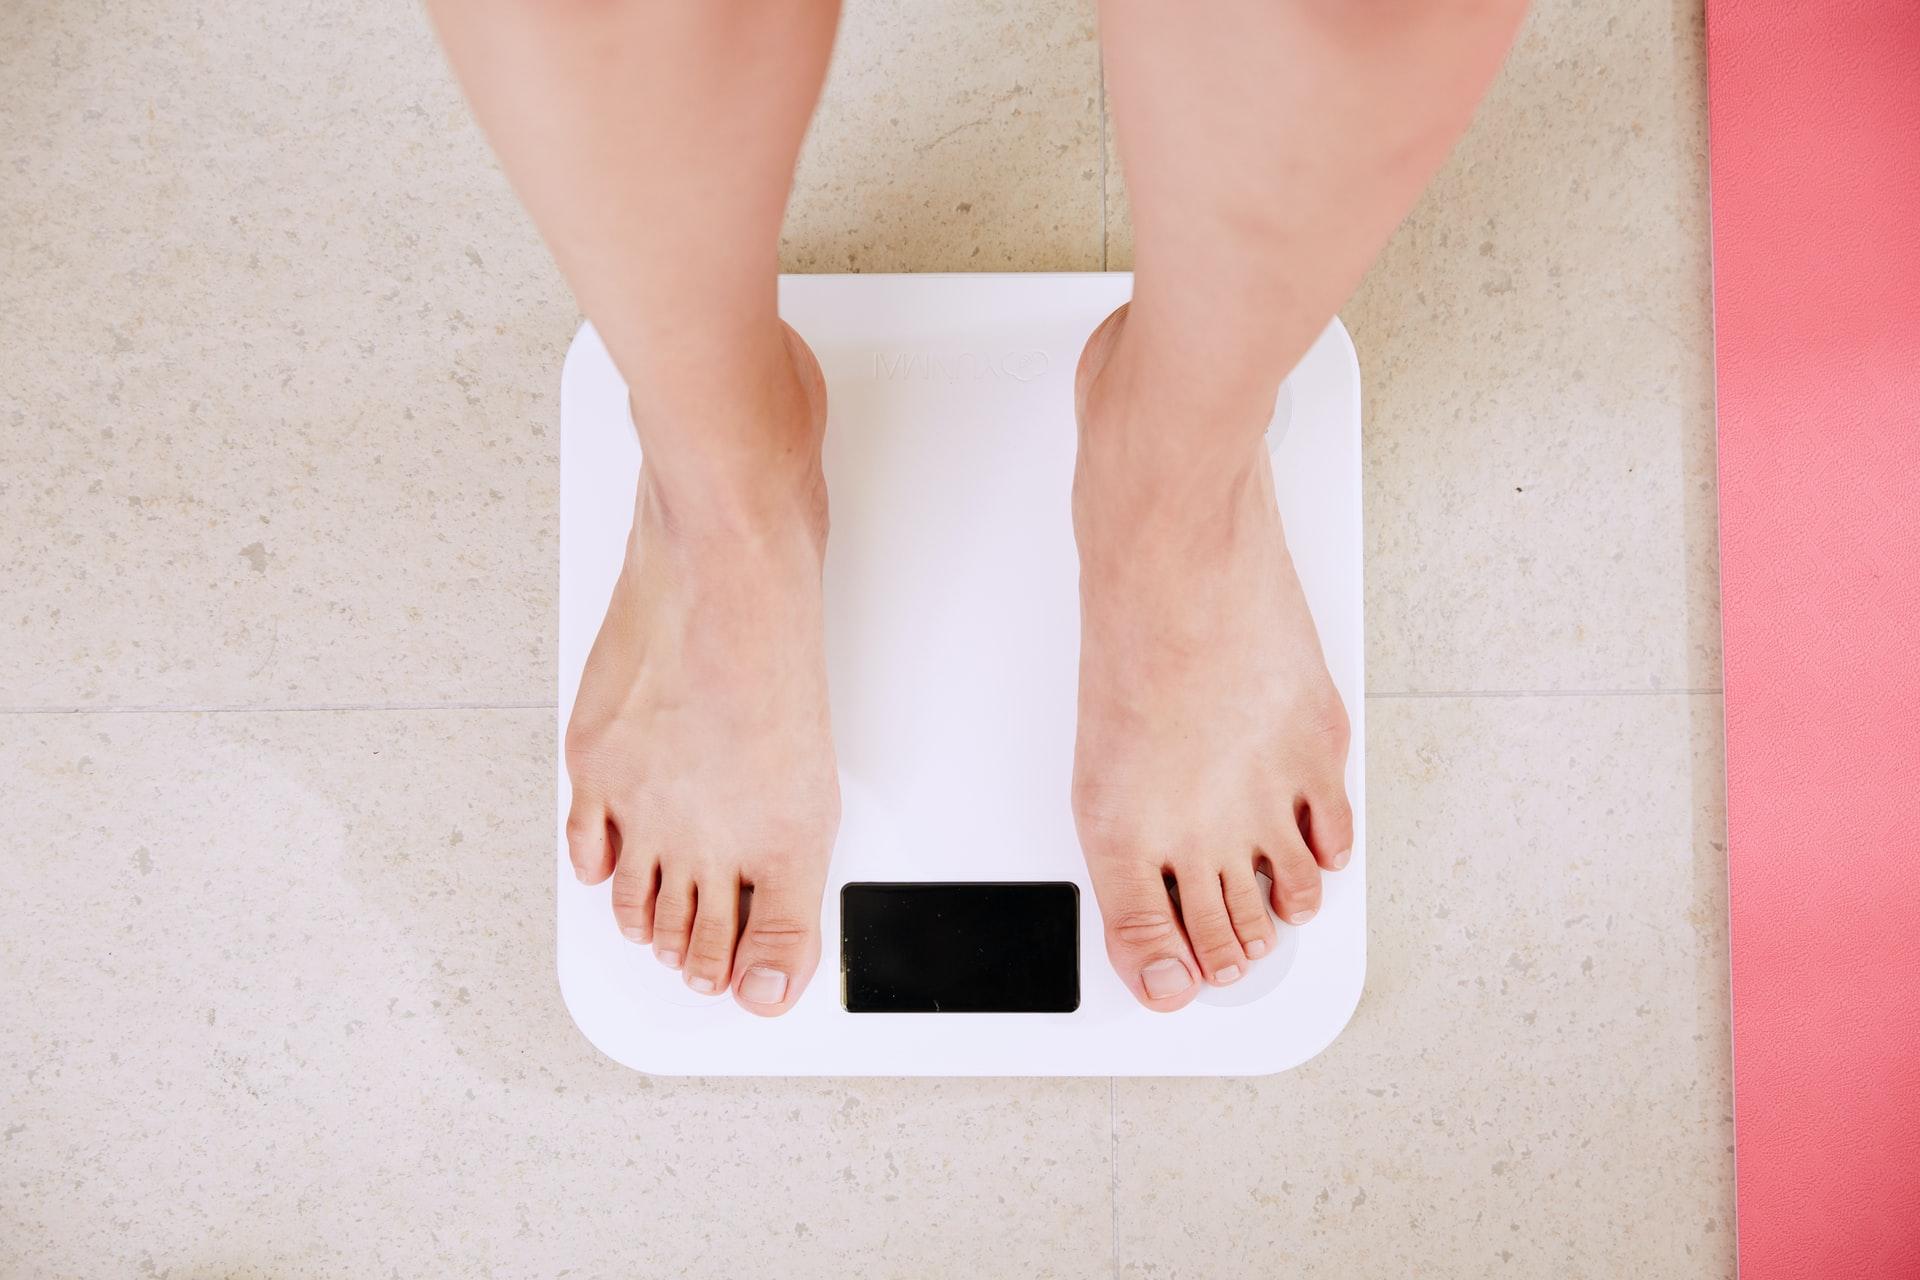 Stoffwechselkur: So geht's richtig